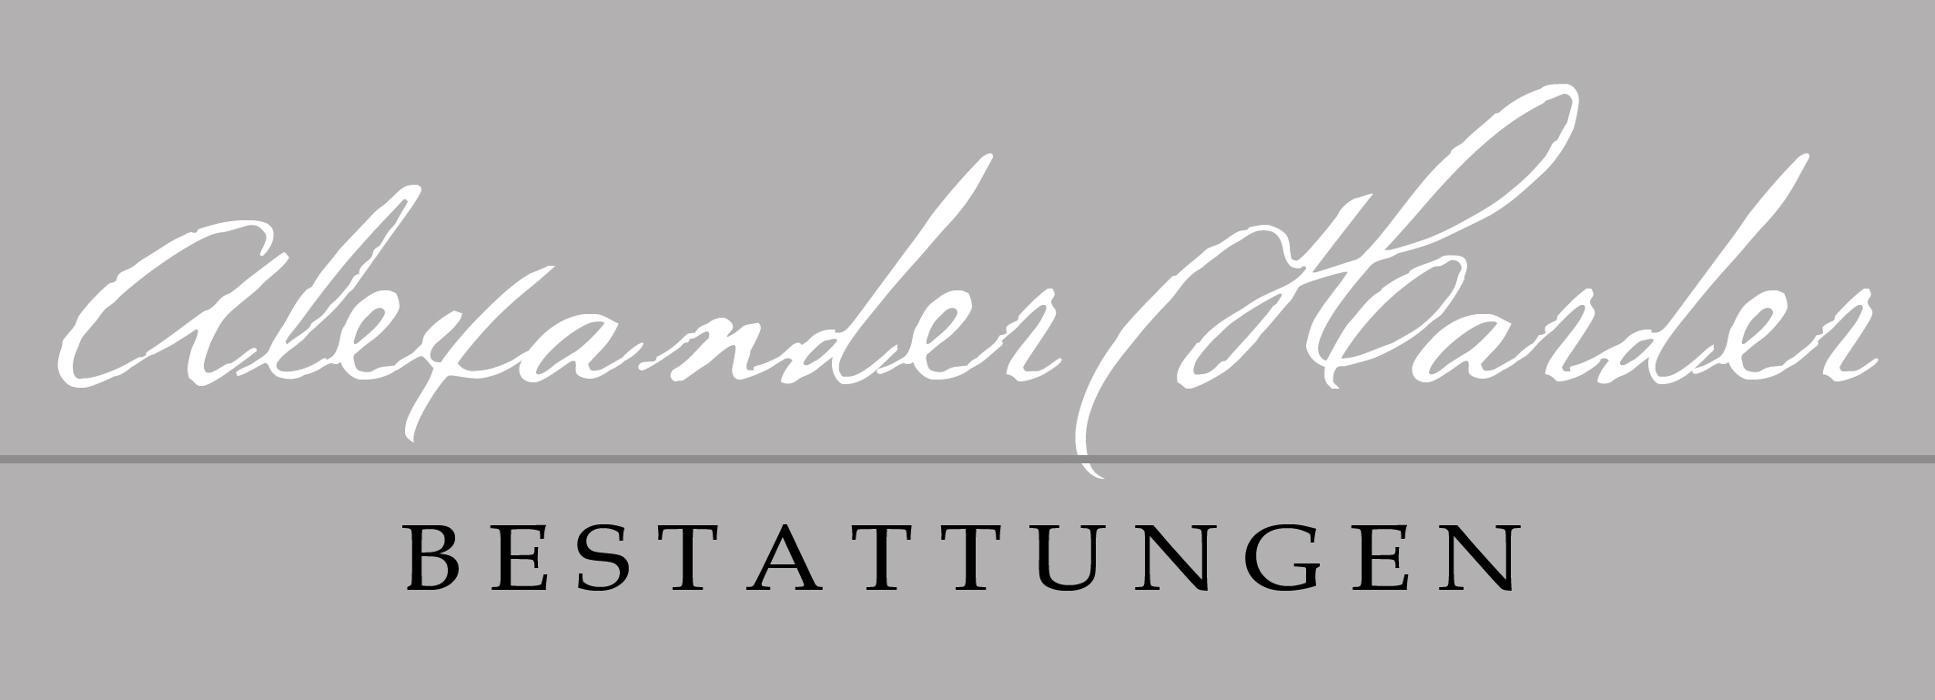 Bild zu Alexander Harder - Bestattungen in Reinbek